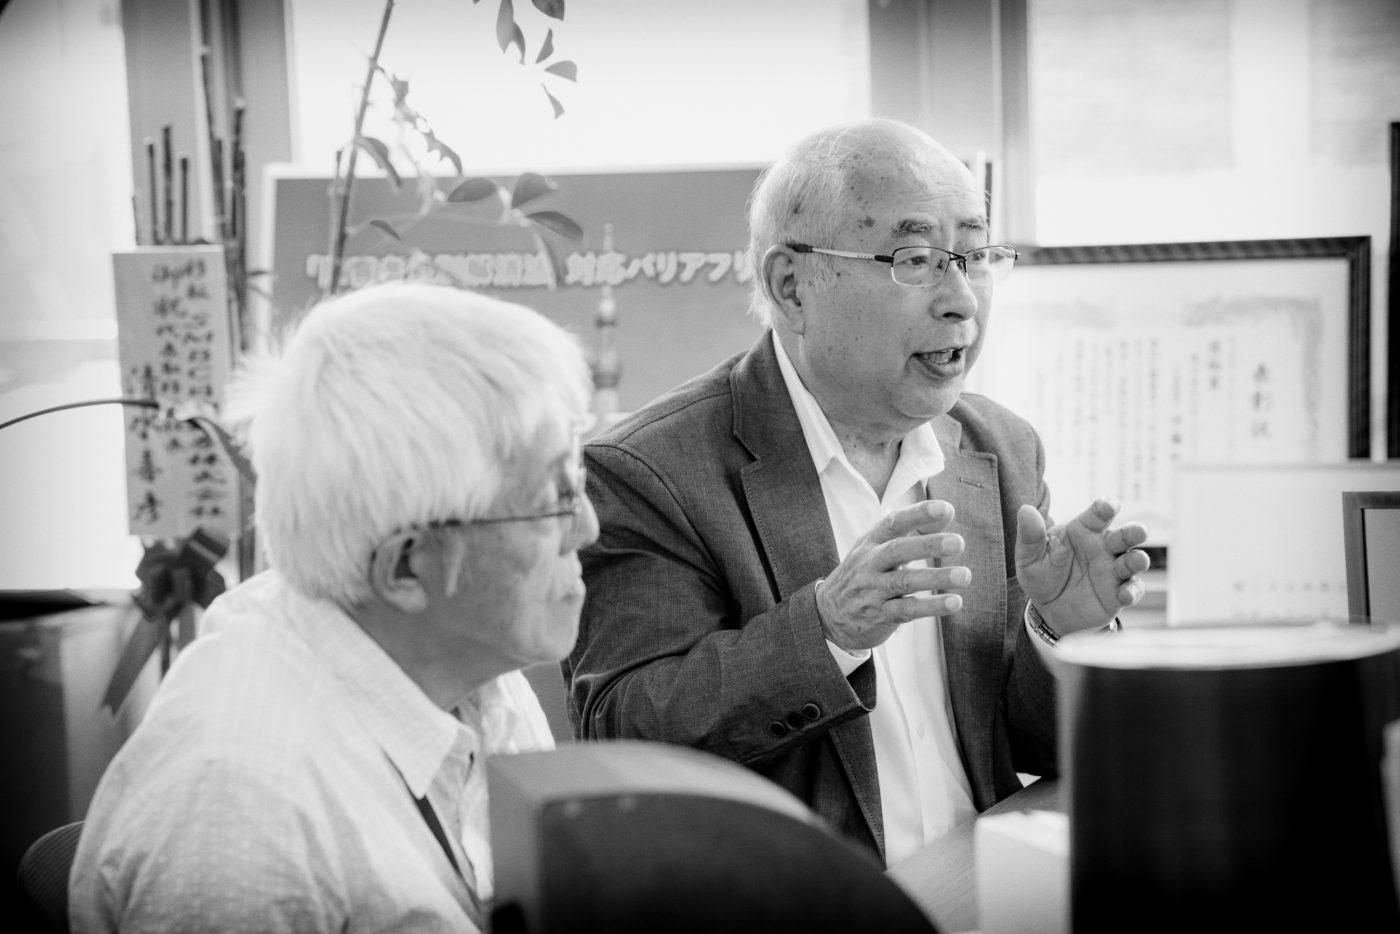 【インタビュー】ヨーロッパの難聴市場とスピーカー市場の可能性。サウンドファン宮原信弘、坂本良雄(後編)